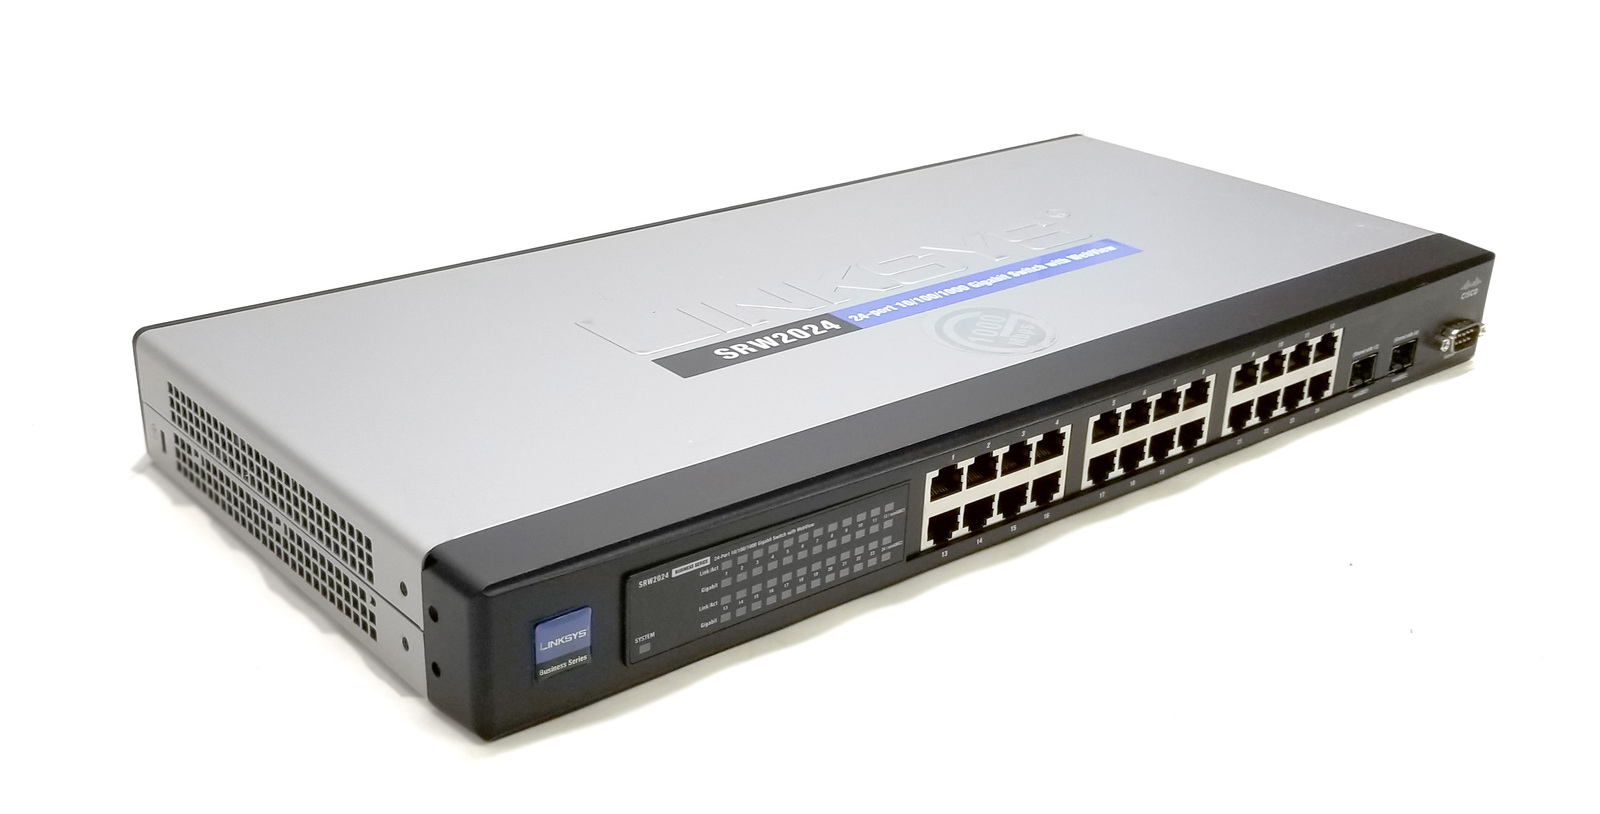 Linksys SRW2024 24 Port Gigabit Switch with WebView Bin: 2